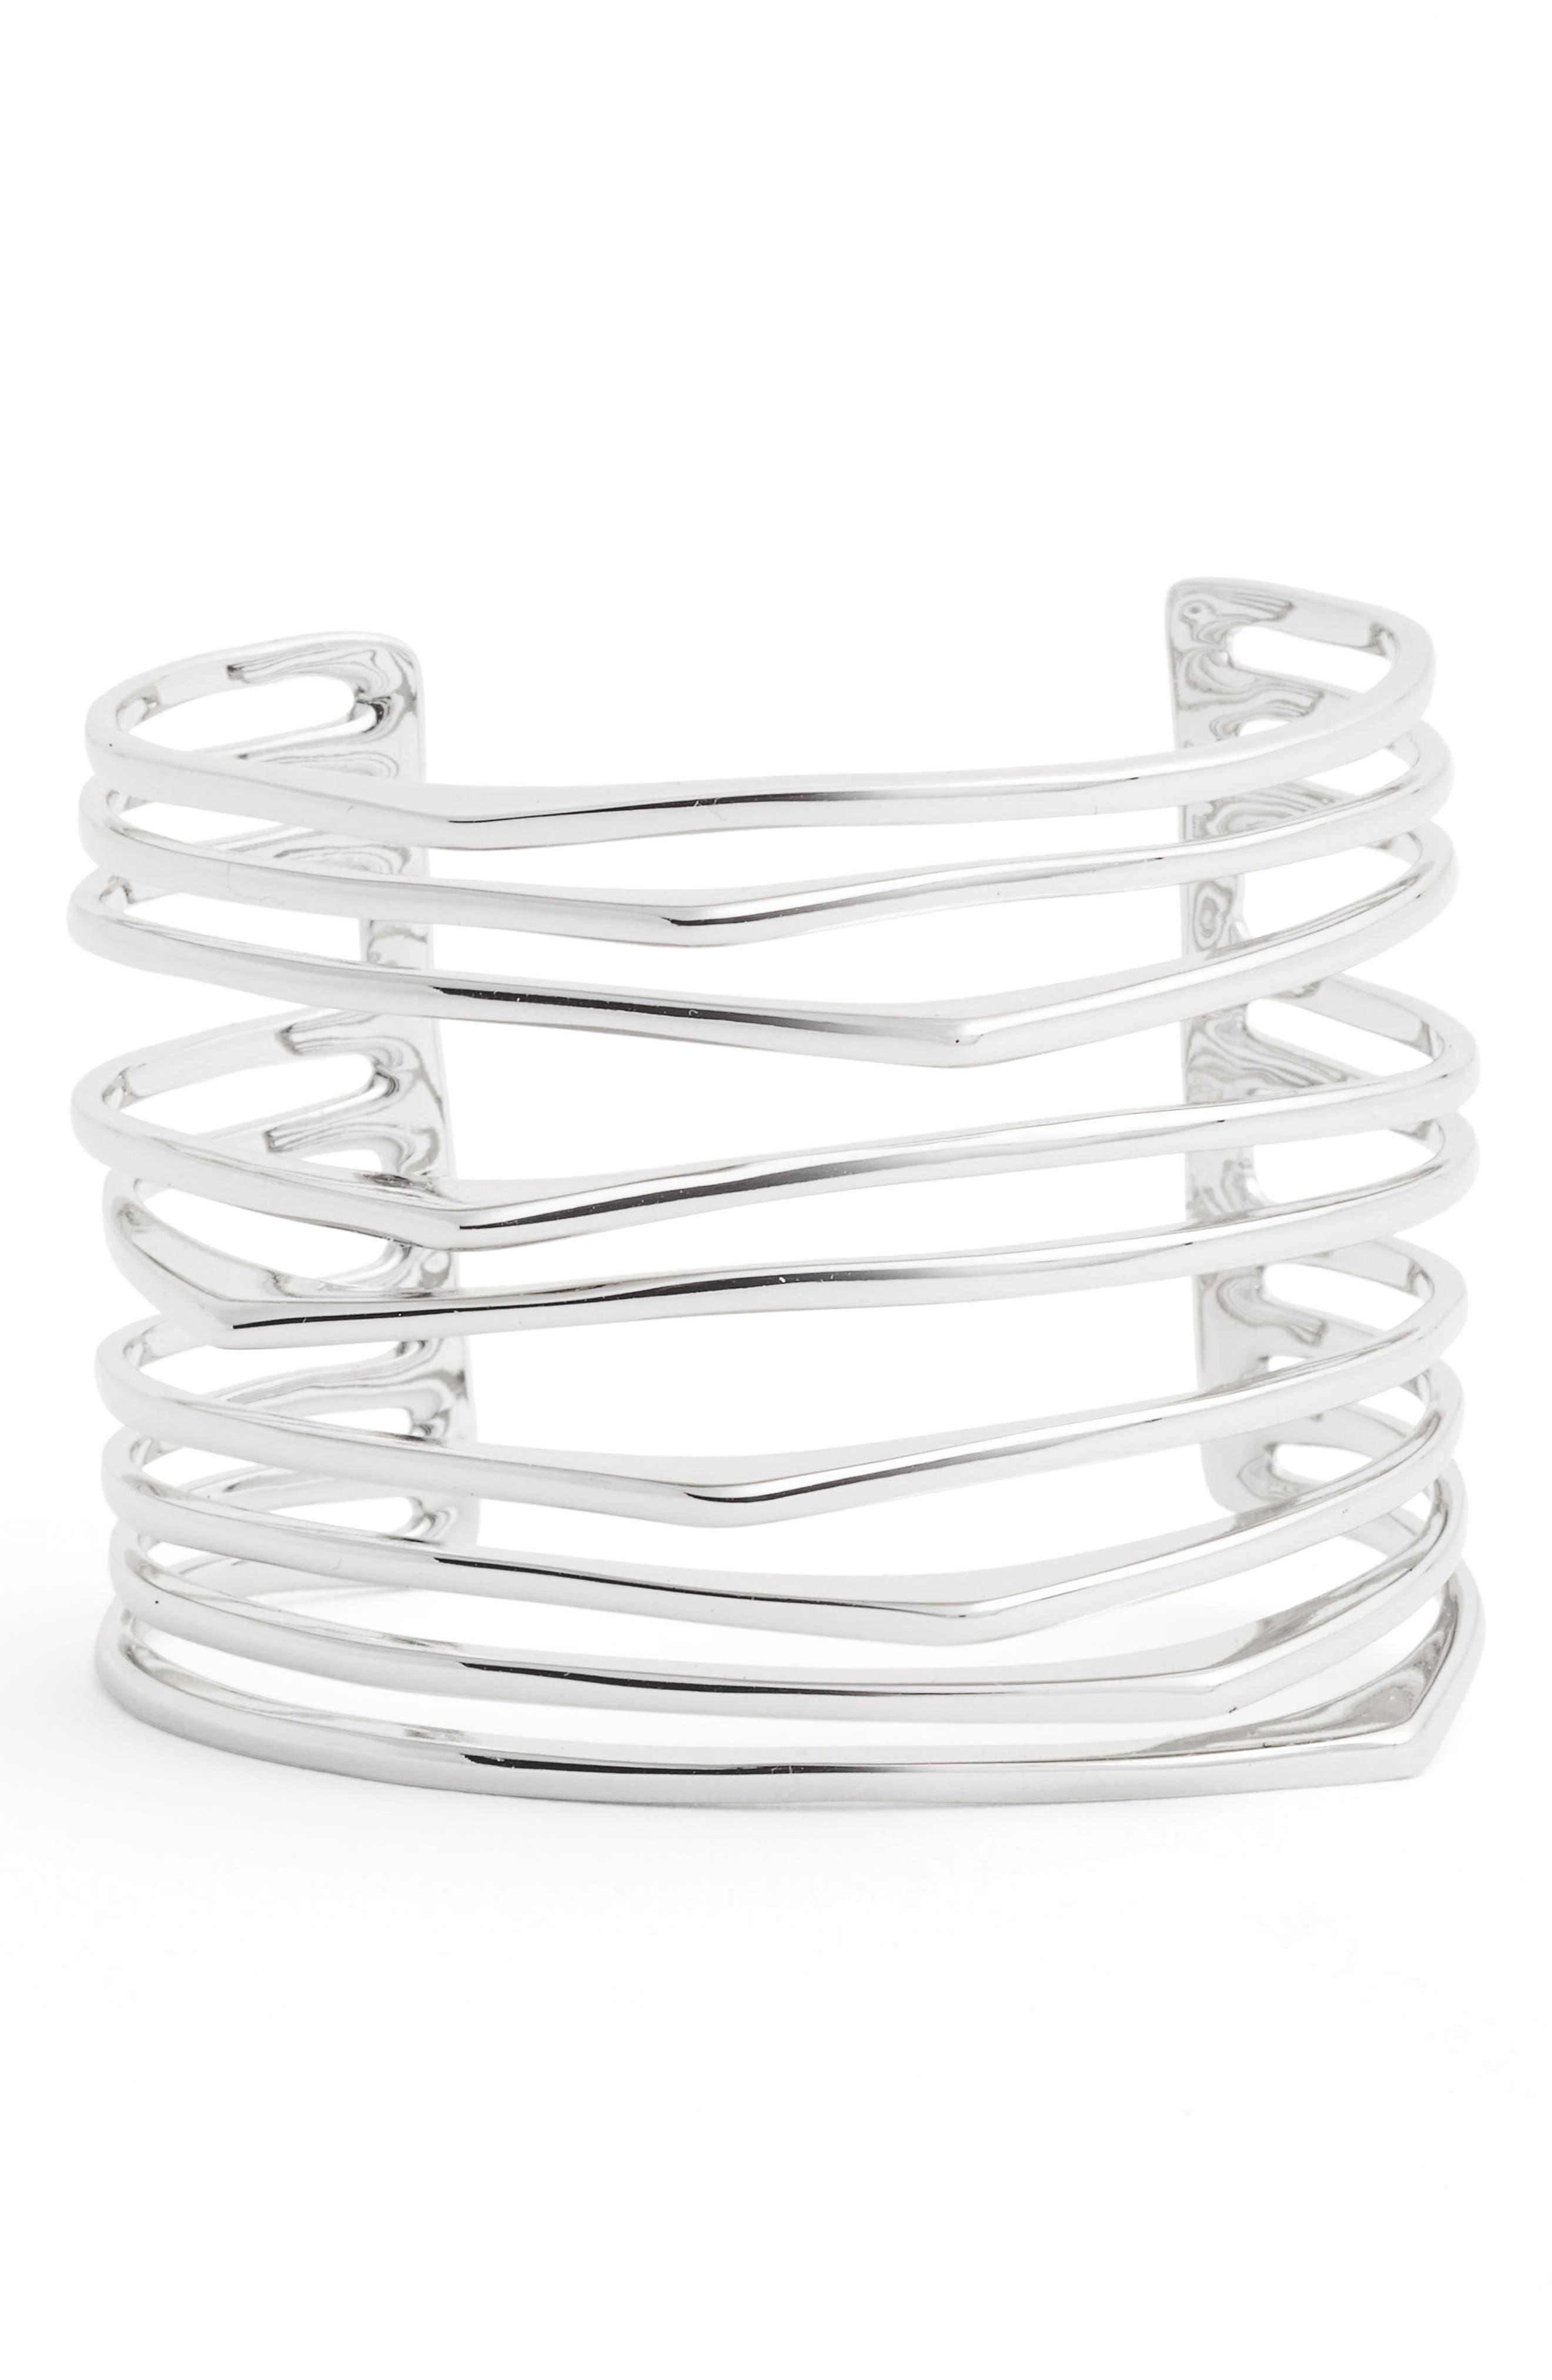 Metal Wrist Cuff,                         Main,                         color, Silver